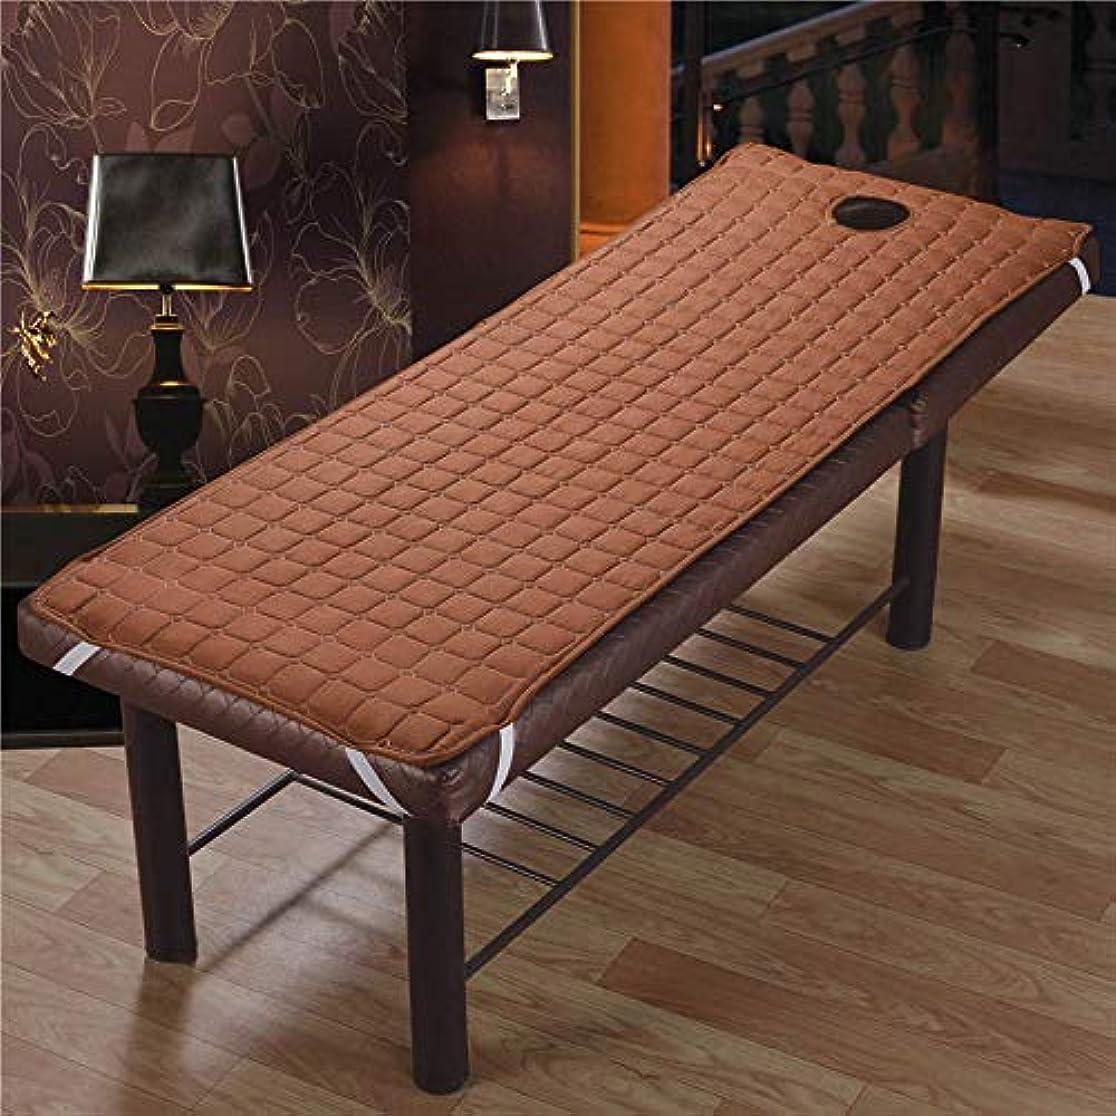 灰並外れて海外CoolTack  美容院のマッサージ療法のベッドのための滑り止めのSoliod色の長方形のマットレス